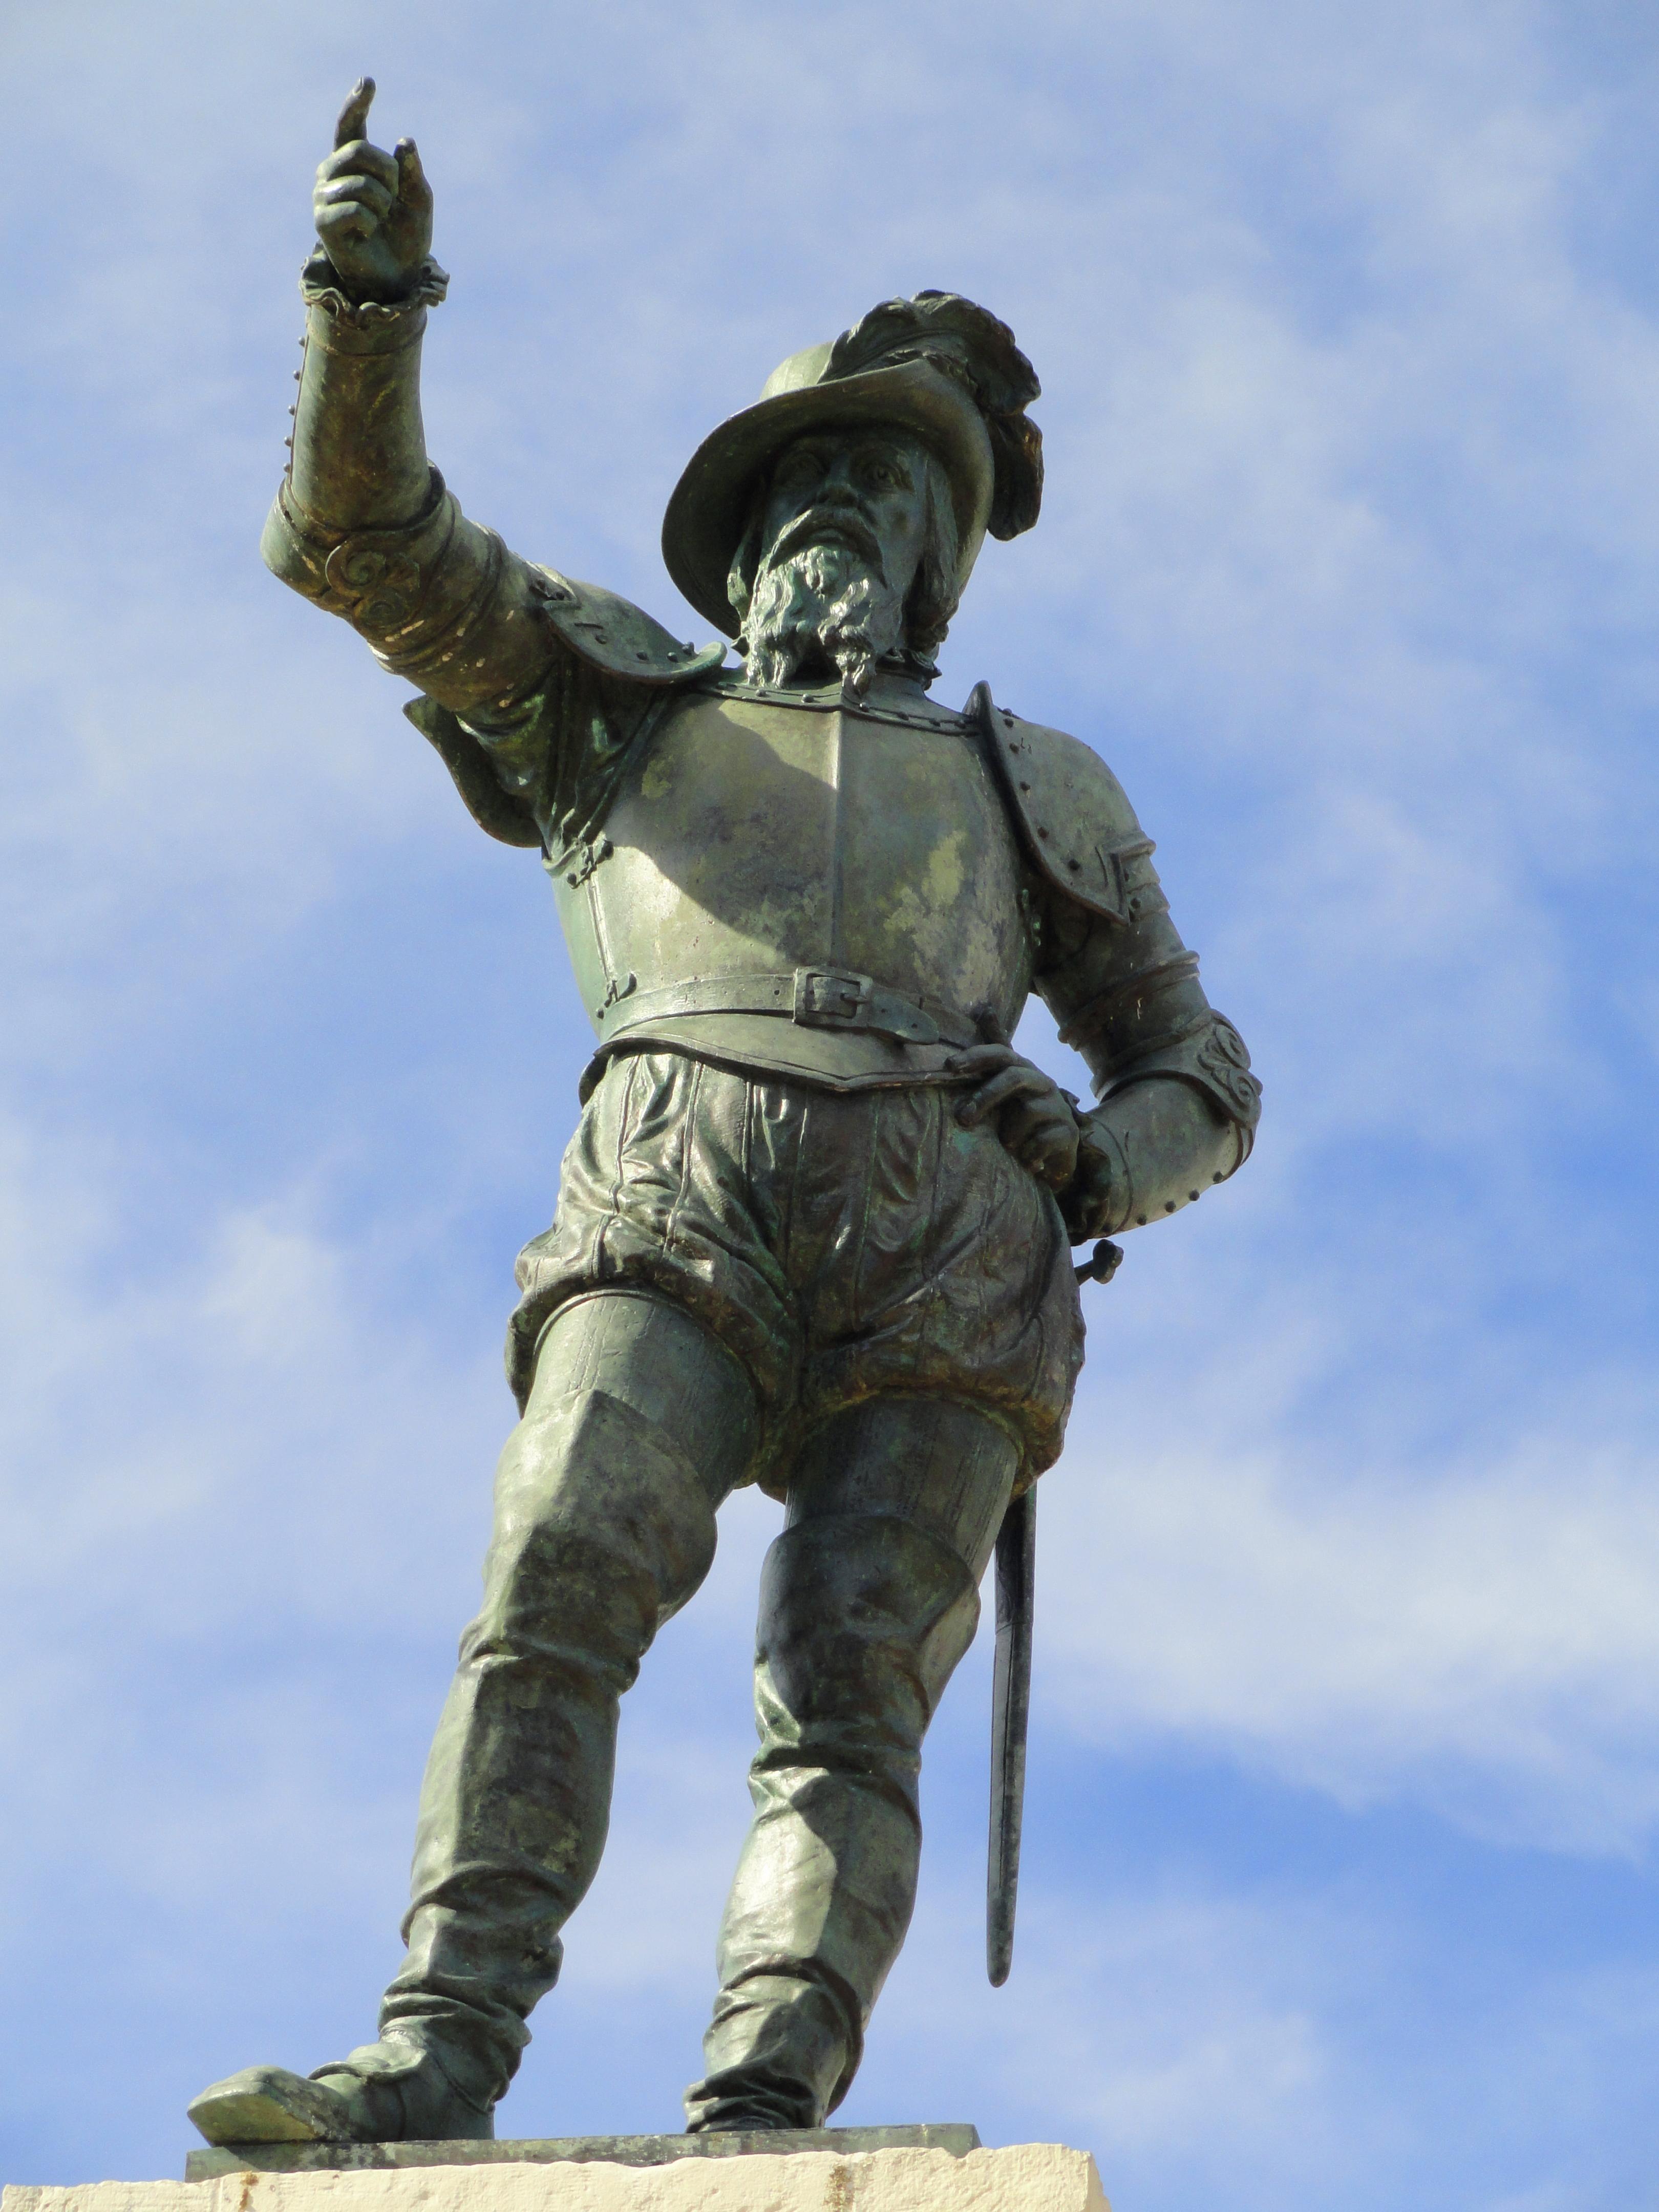 File:Ponce de León statue - San Juan, Puerto Rico - DSC06873.JPG